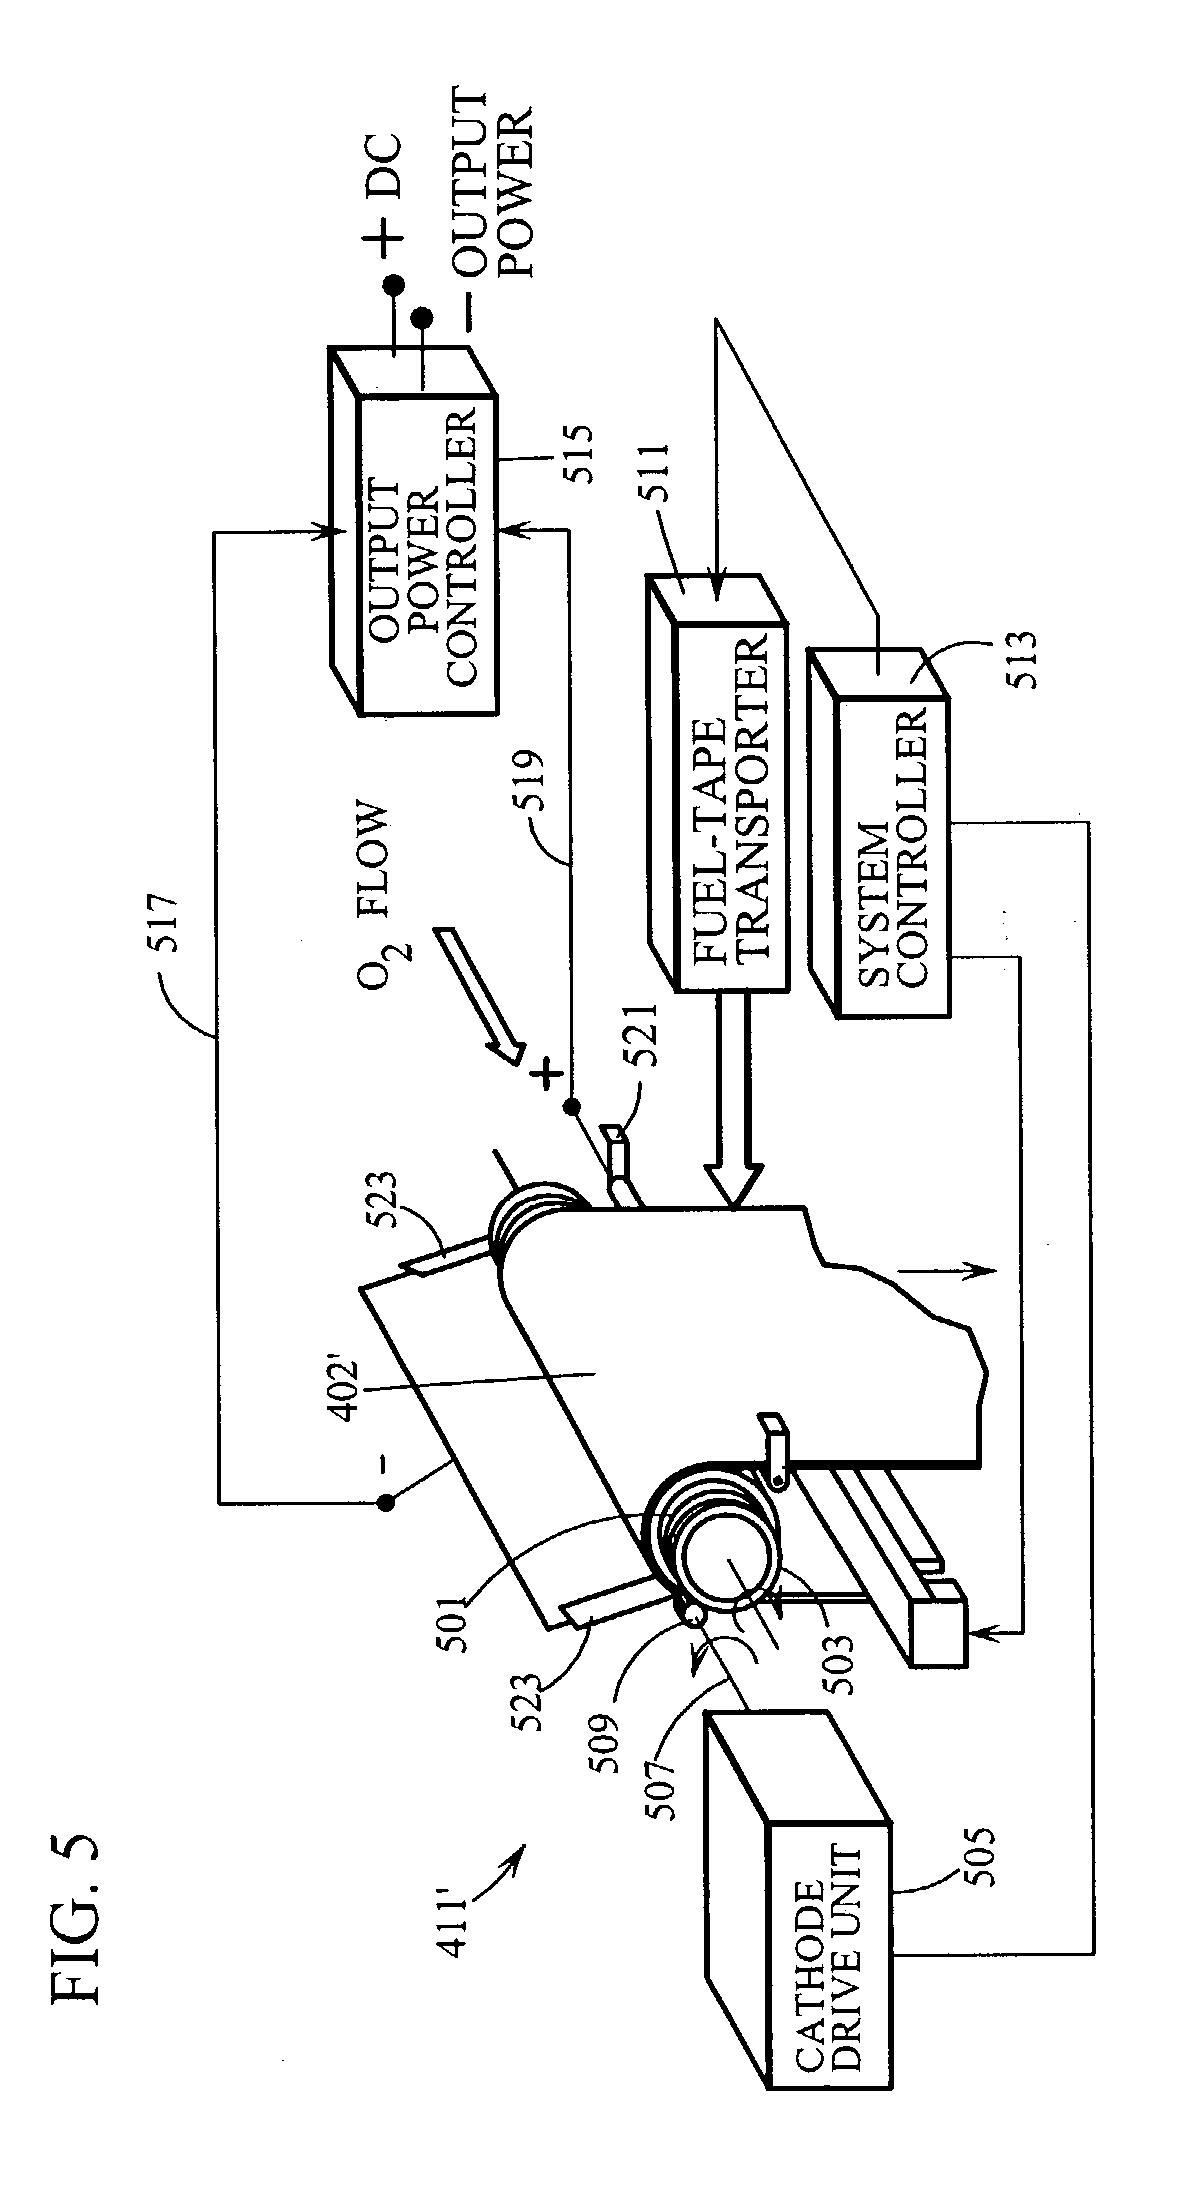 patent us20040005488